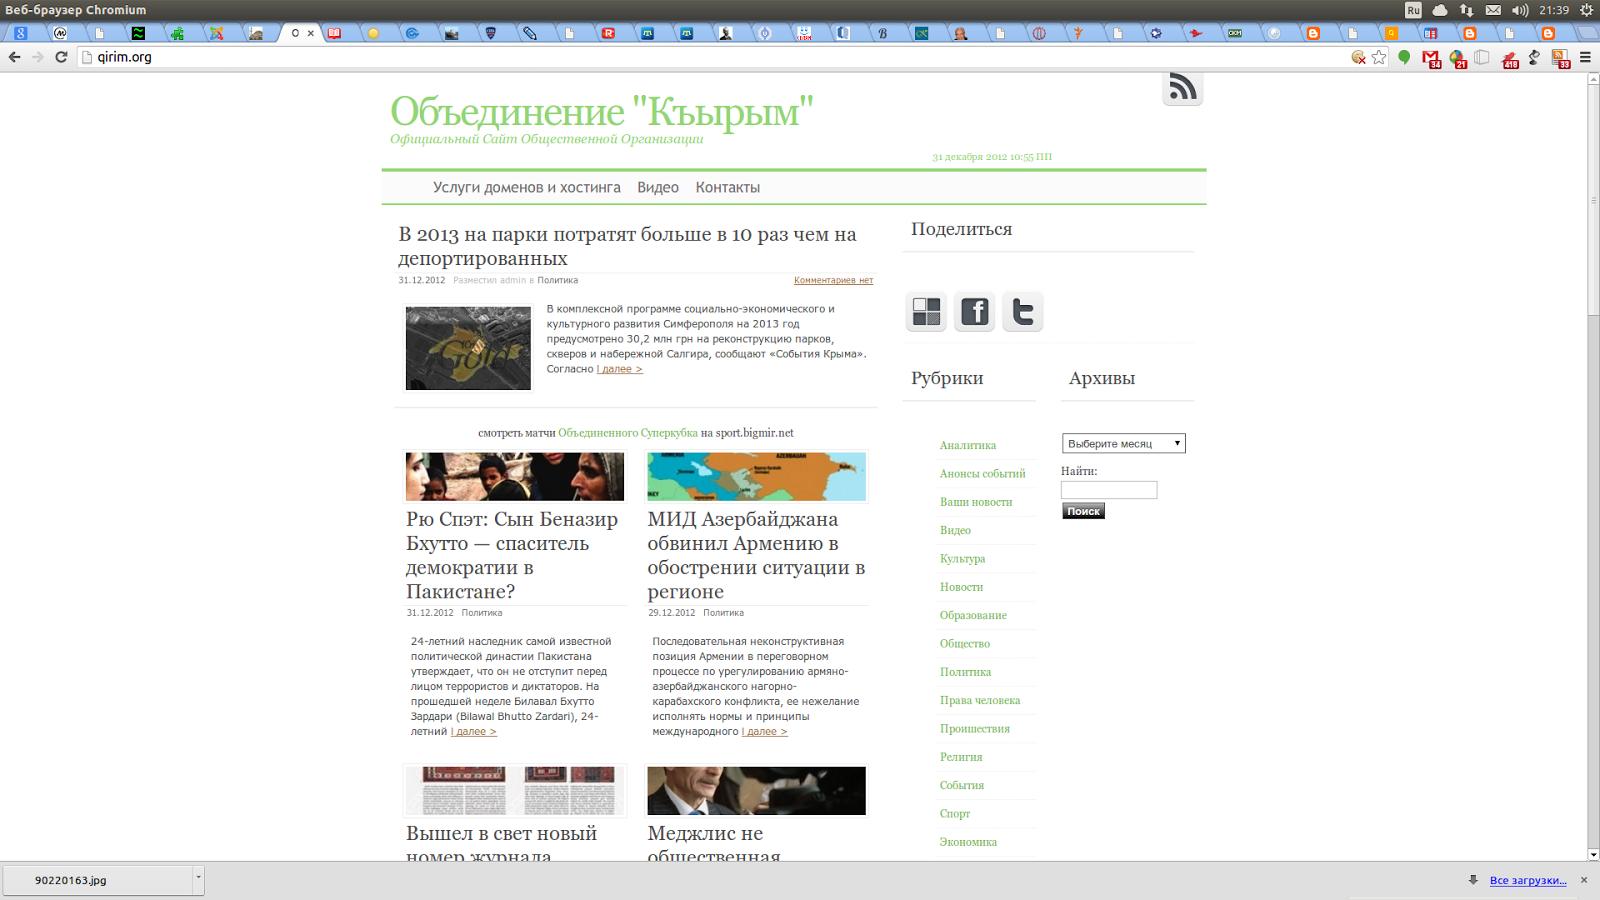 сайт знакомств крымскотатарсий